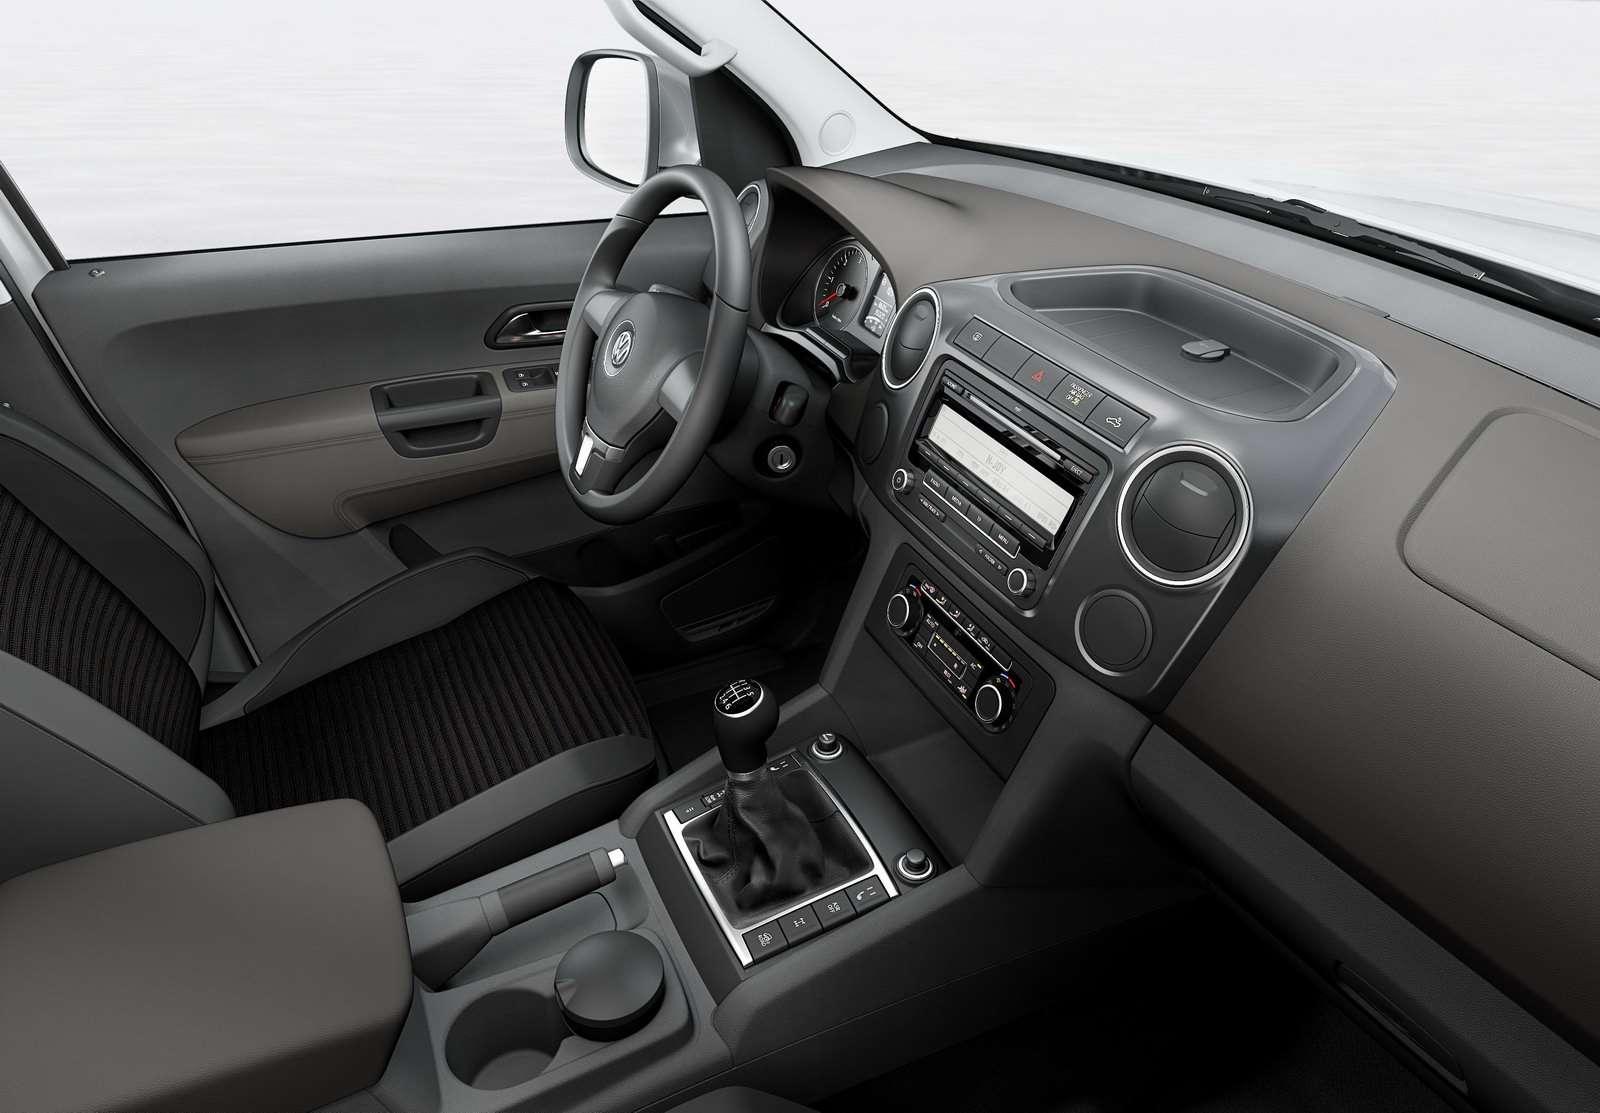 Volkswagen Amarok gotowy do produkcji seryjnej 2009